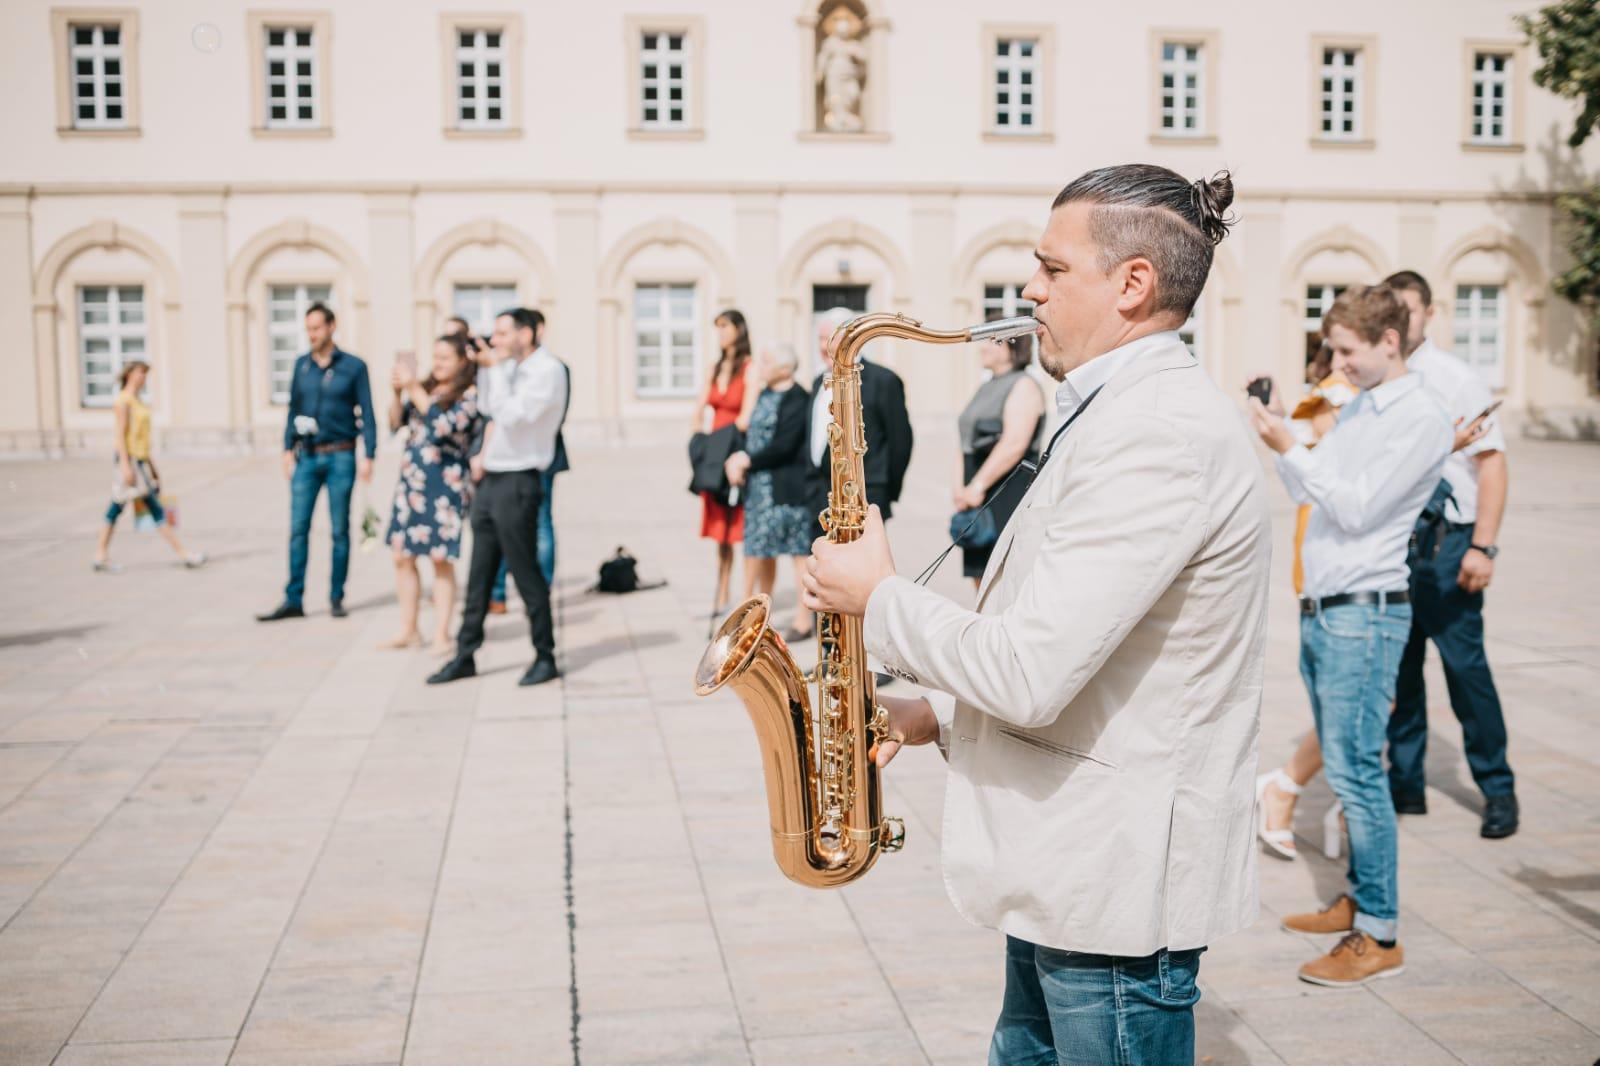 Saxophonist für Hochzeit